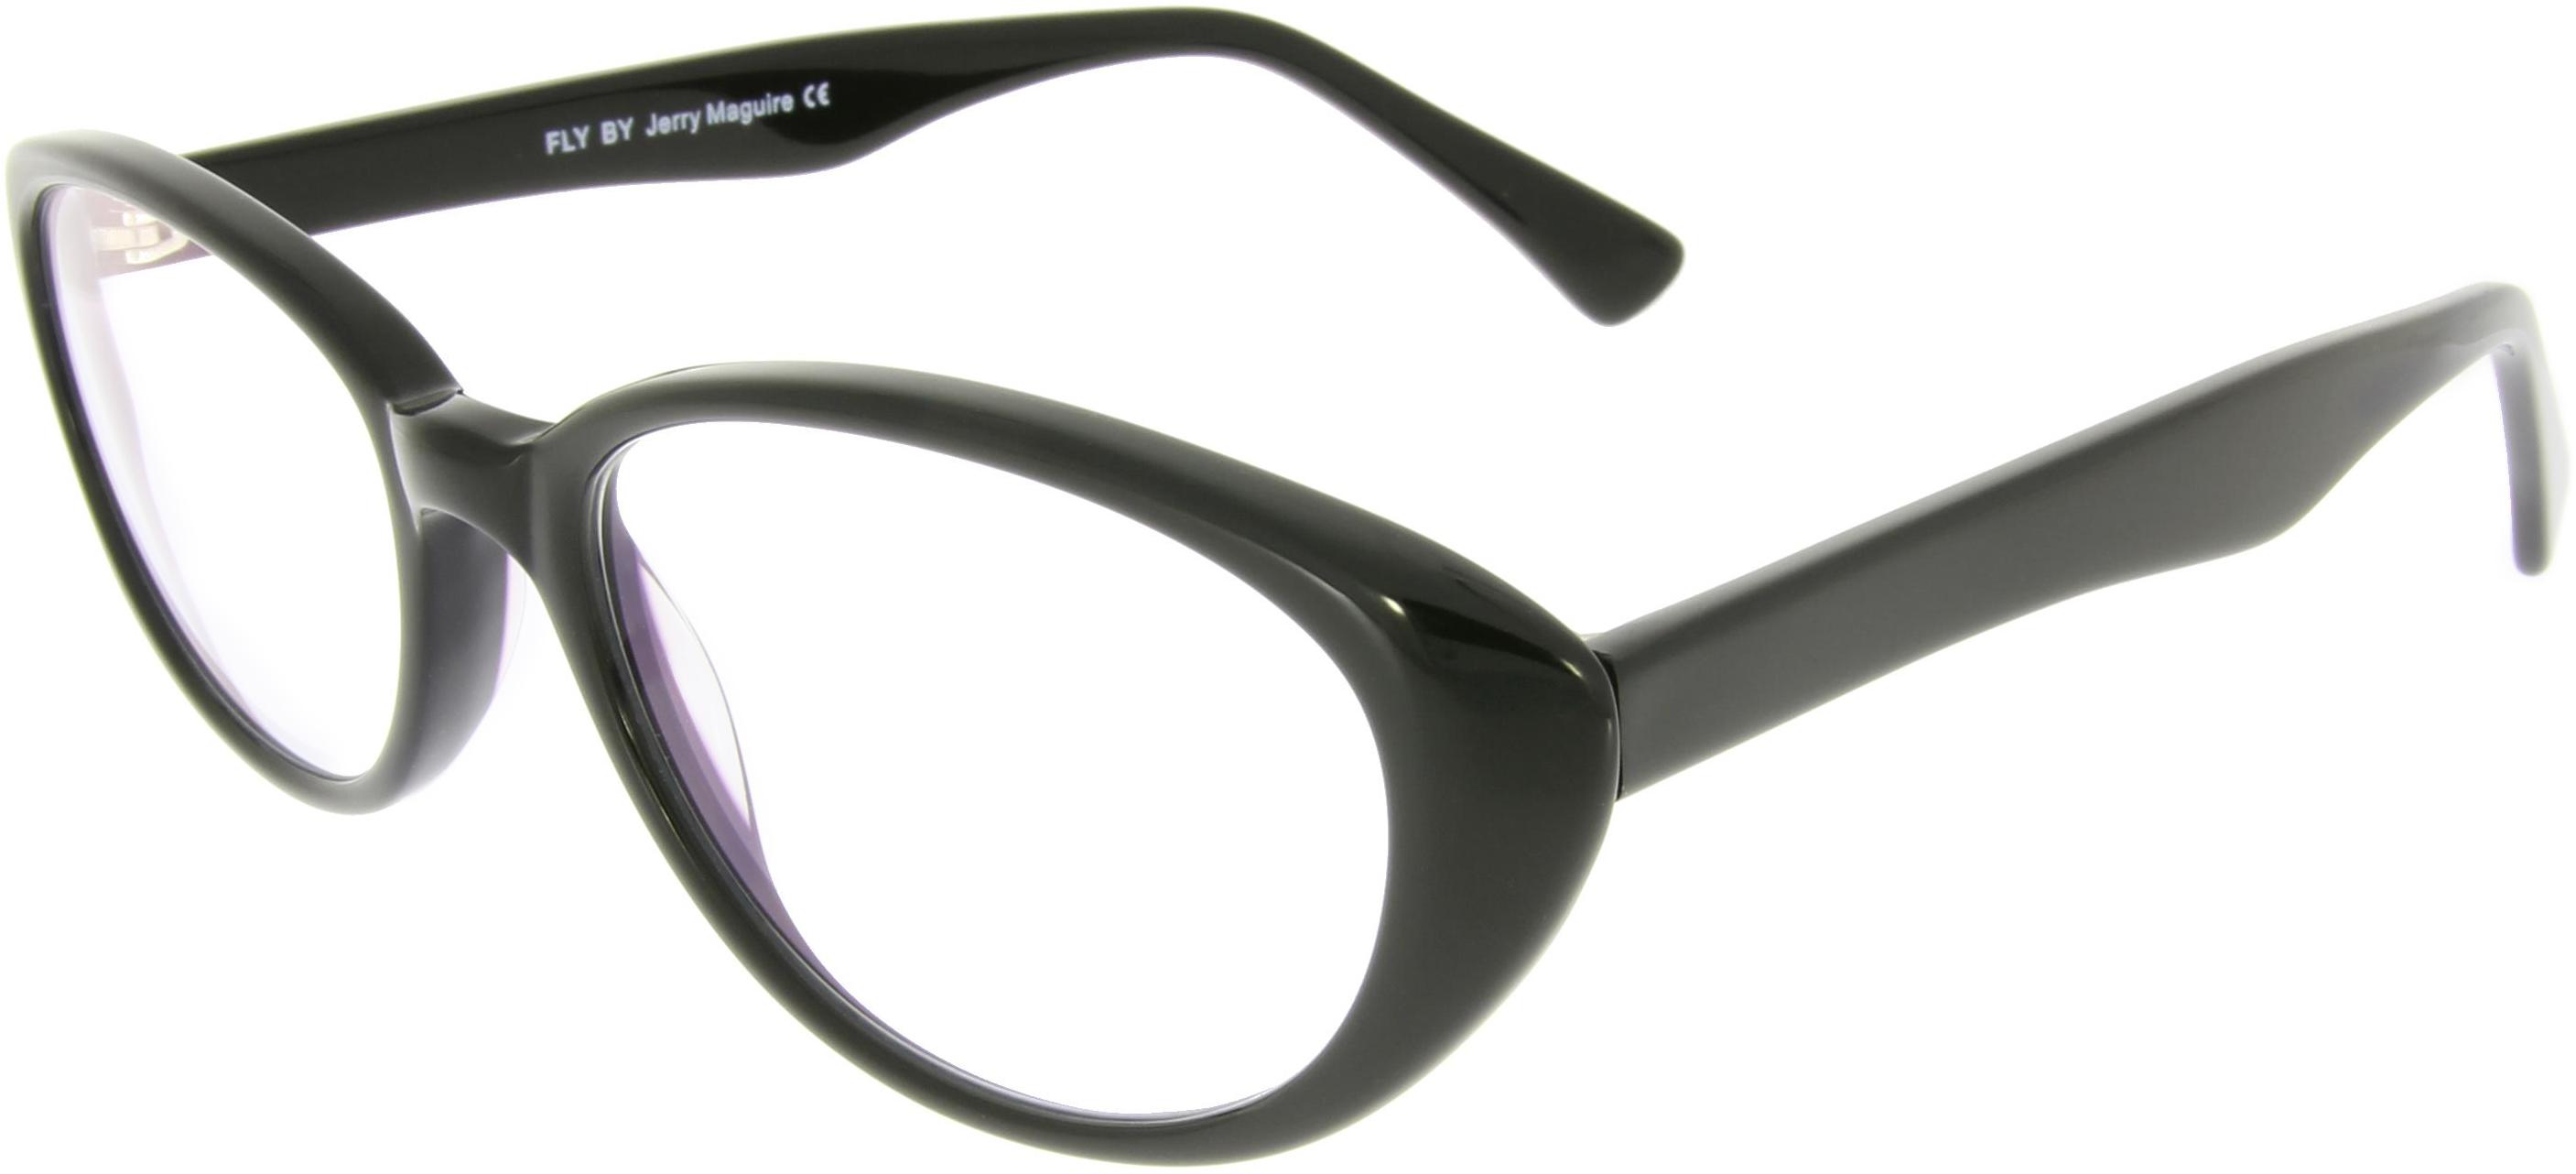 Cateye Brillen beim günstigen Online-Optiker my-Spexx